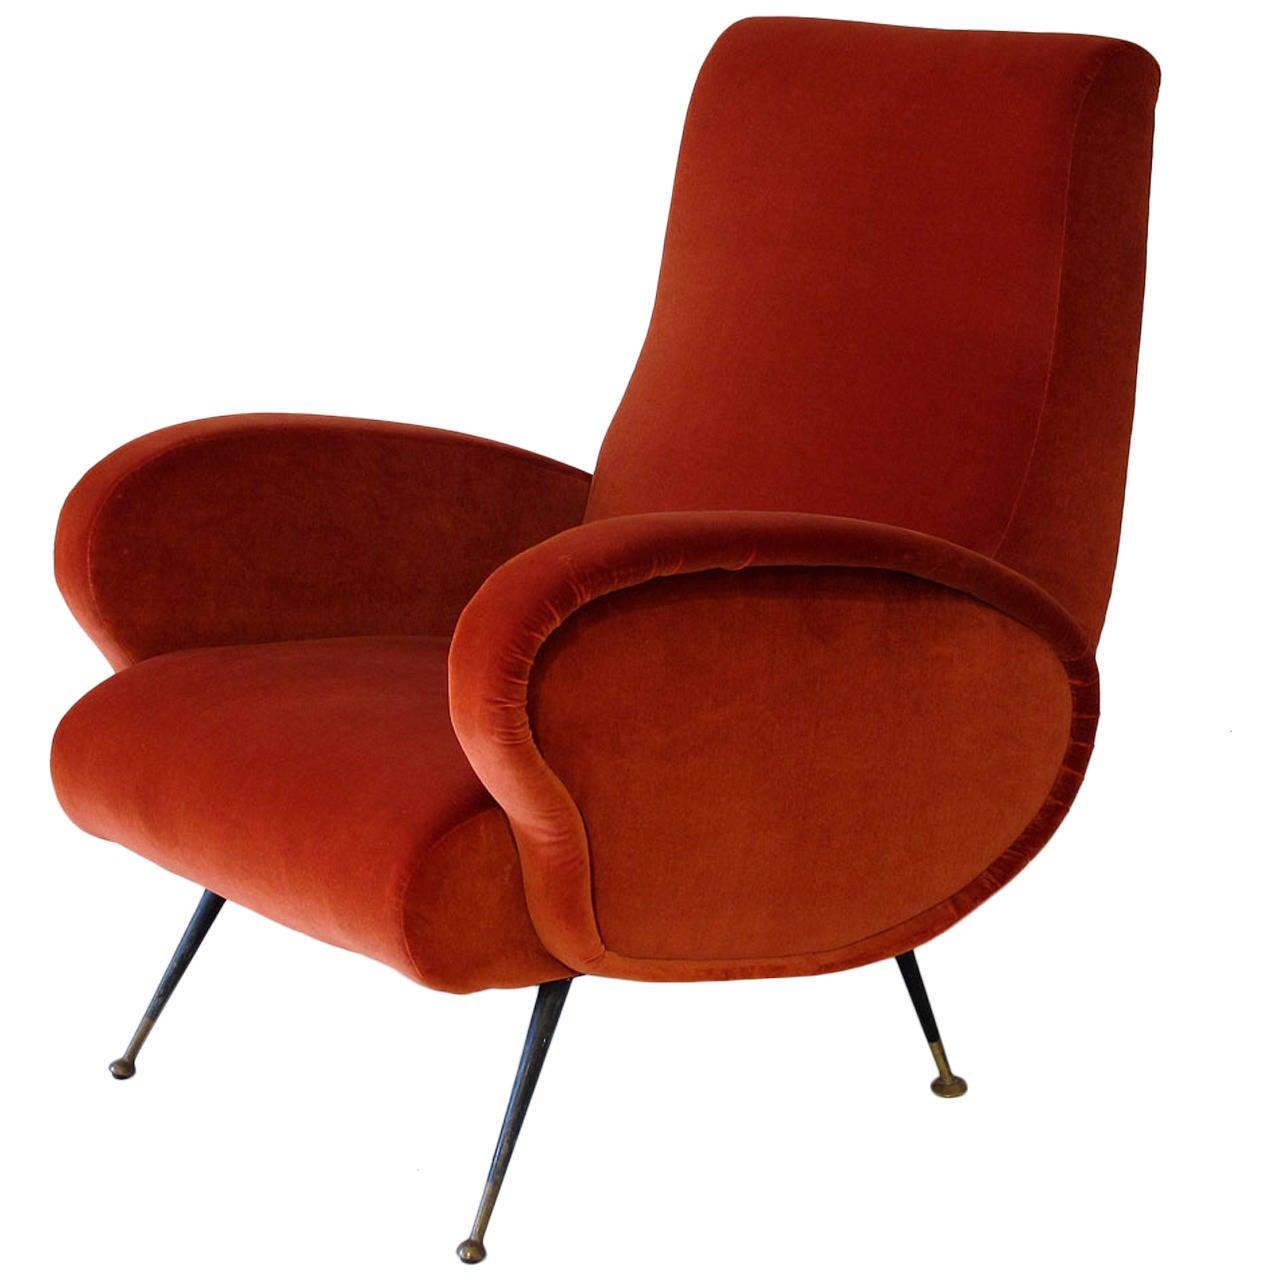 Mid century modern italian 1950s armchair at 1stdibs for Mid century modern armchairs